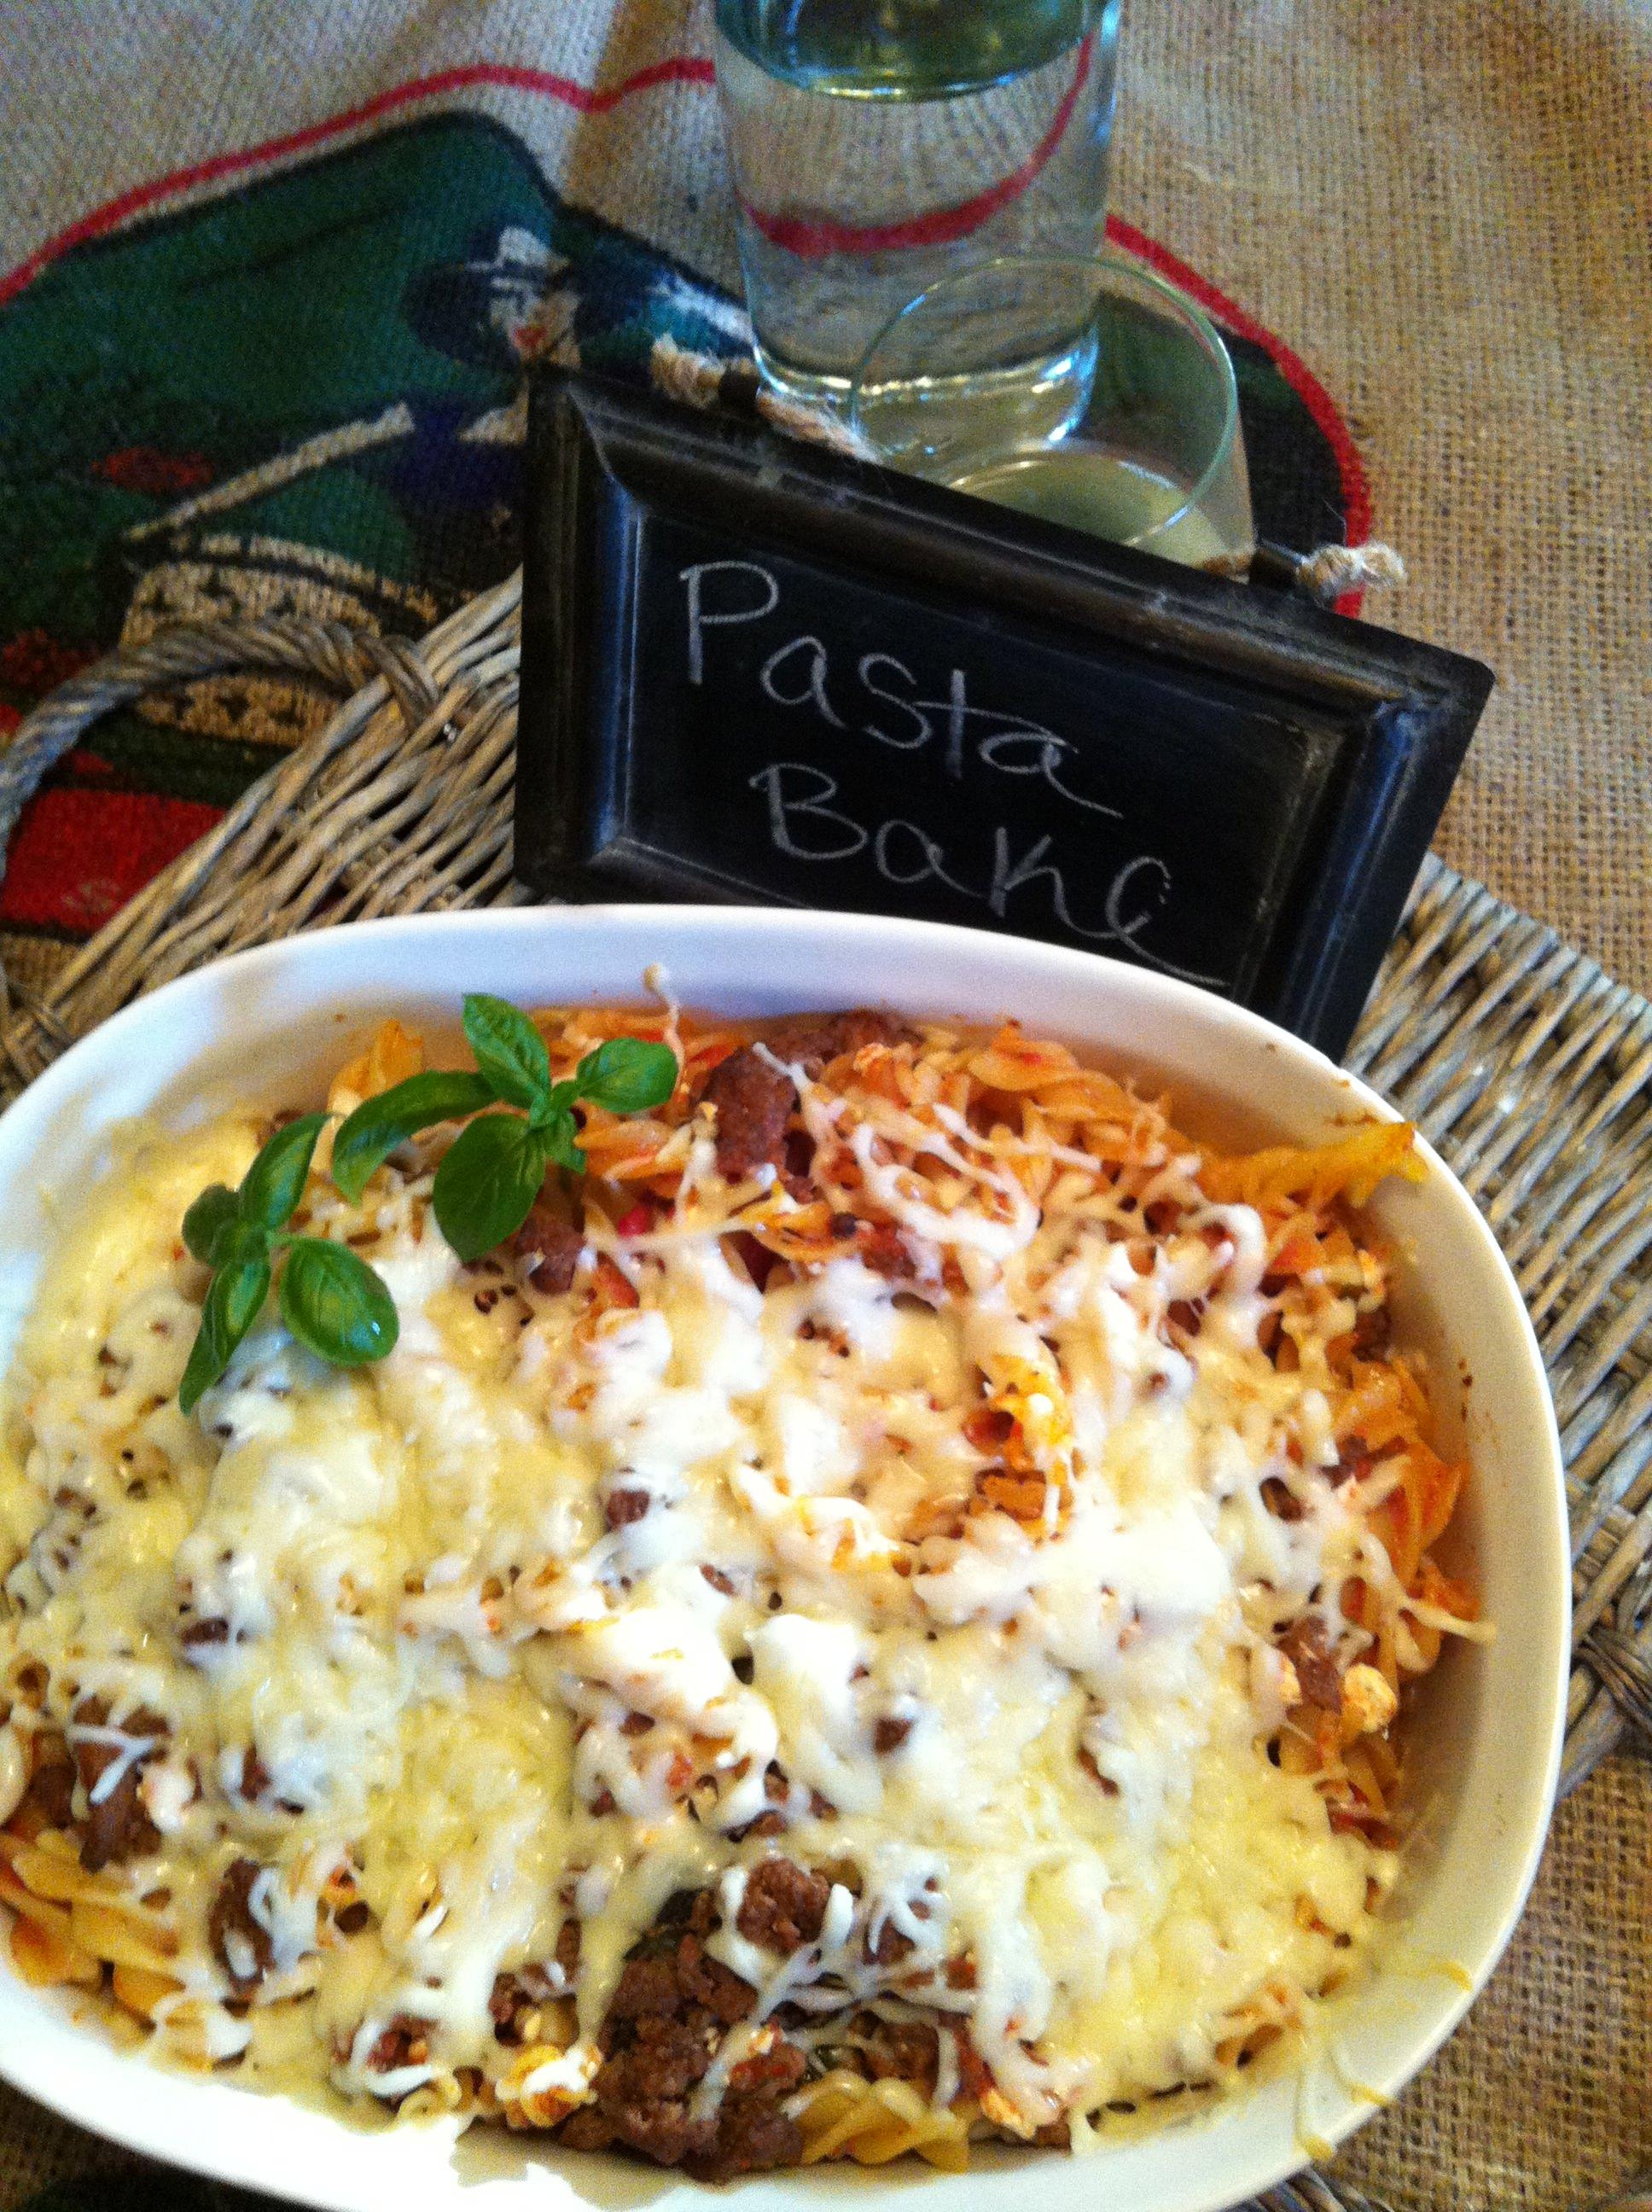 Easy Italian Pasta Bake - baked